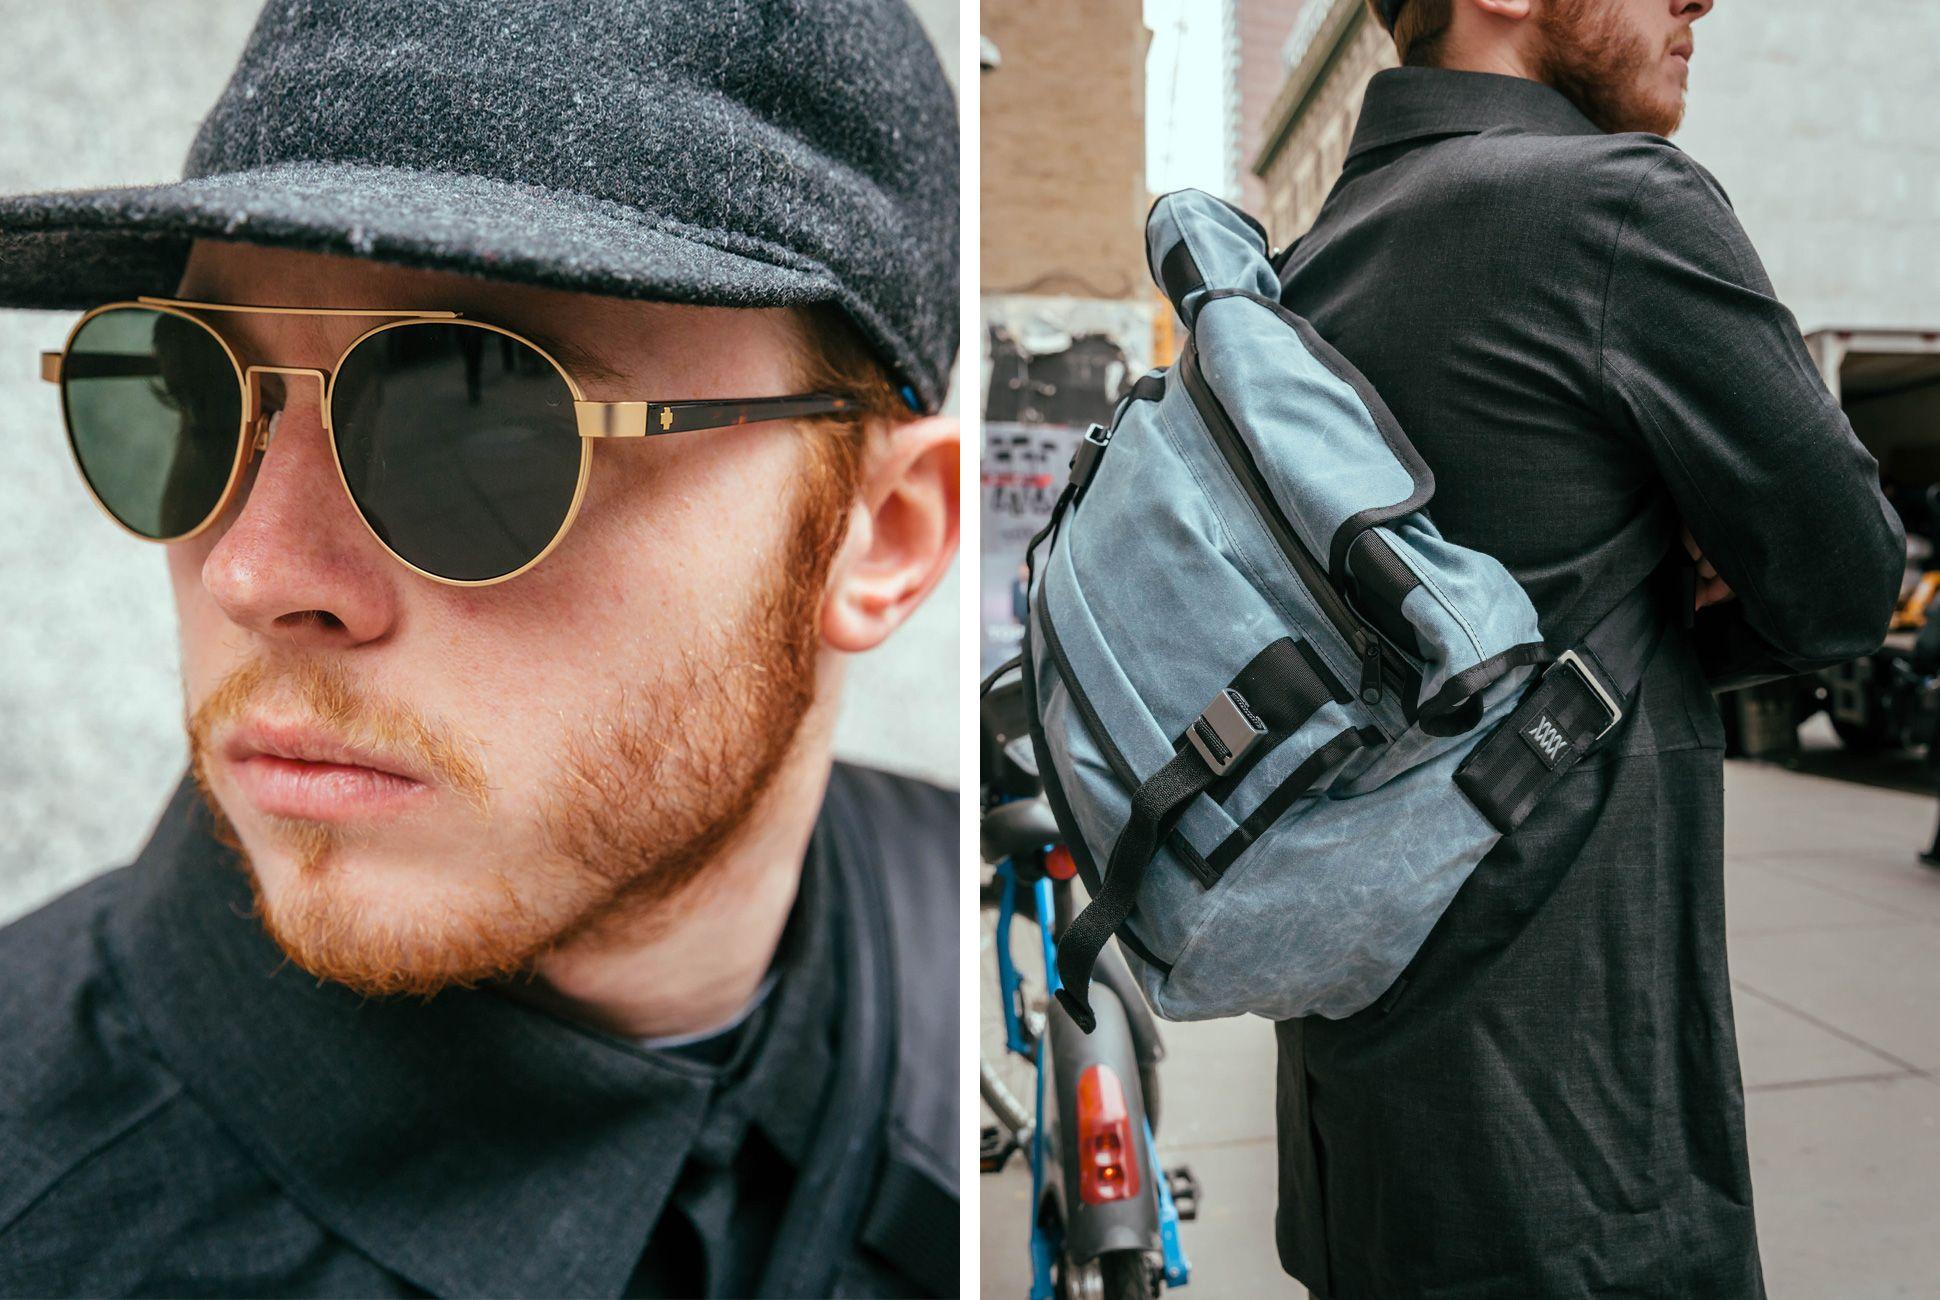 bike-commuter-outfit-gear-patrol-mw-2